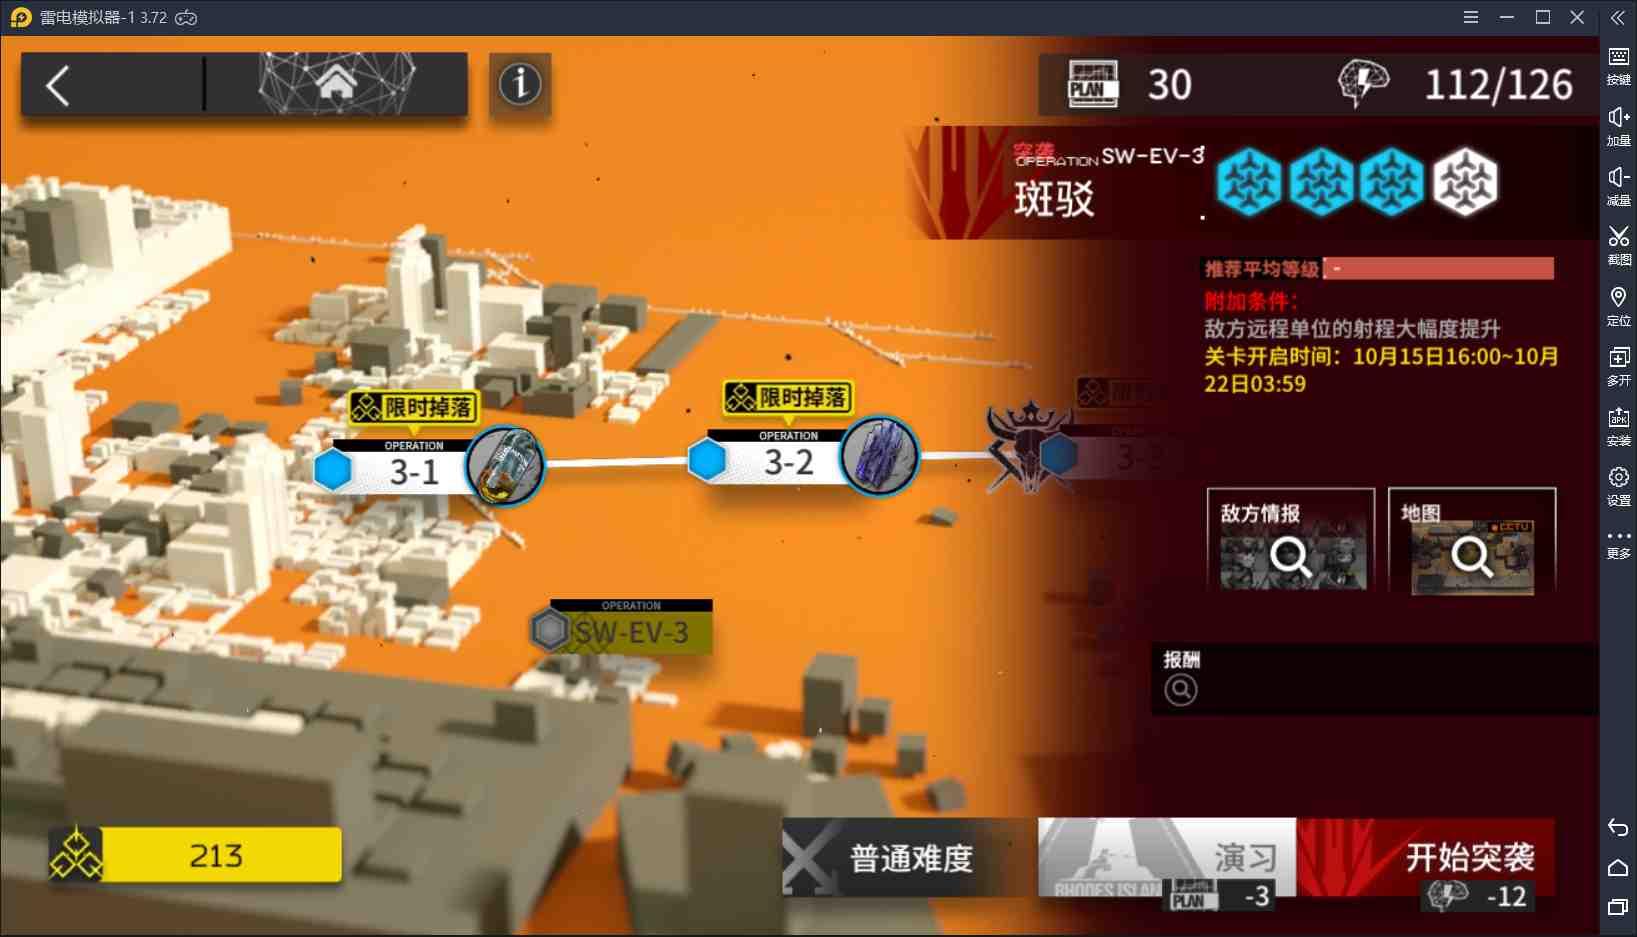 【明日方舟】戰地秘聞SW-EV-3普通&突襲模式通關攻略